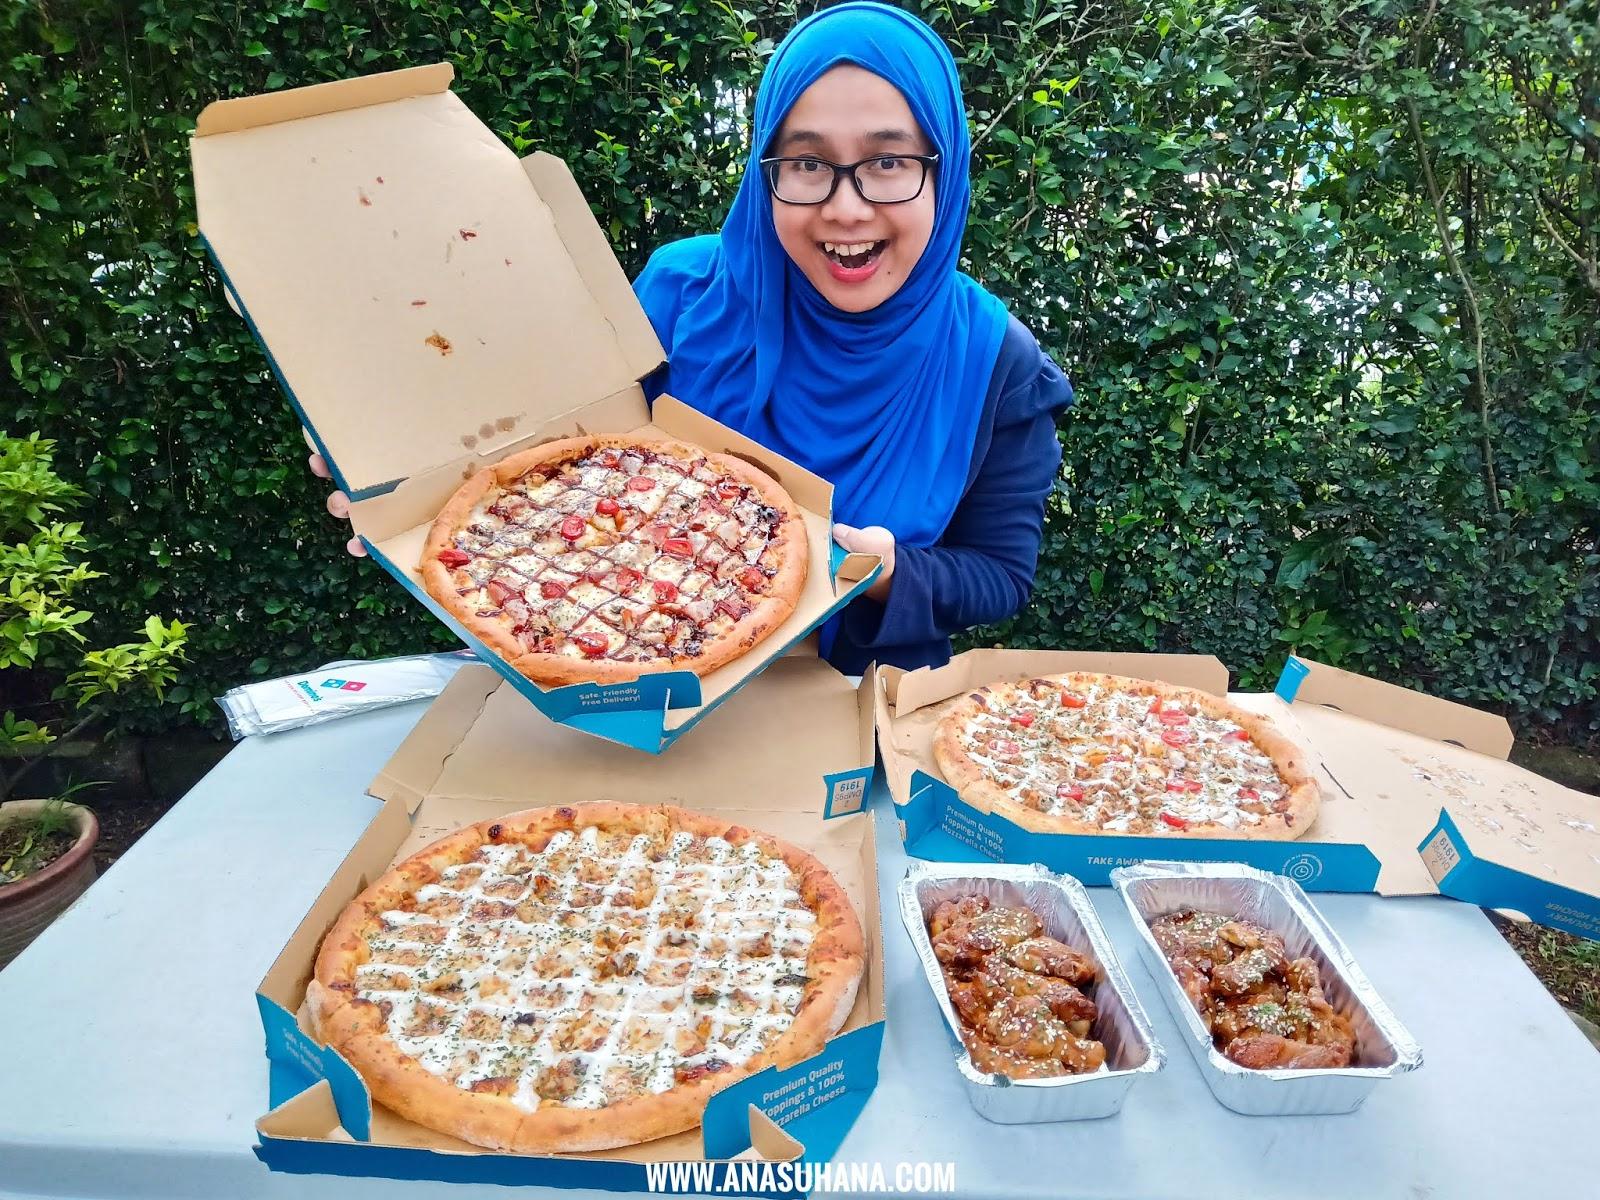 Piza Ssamjeang Domino's Kembali Lagi Dengan 3 Menu So Spicy So Drama